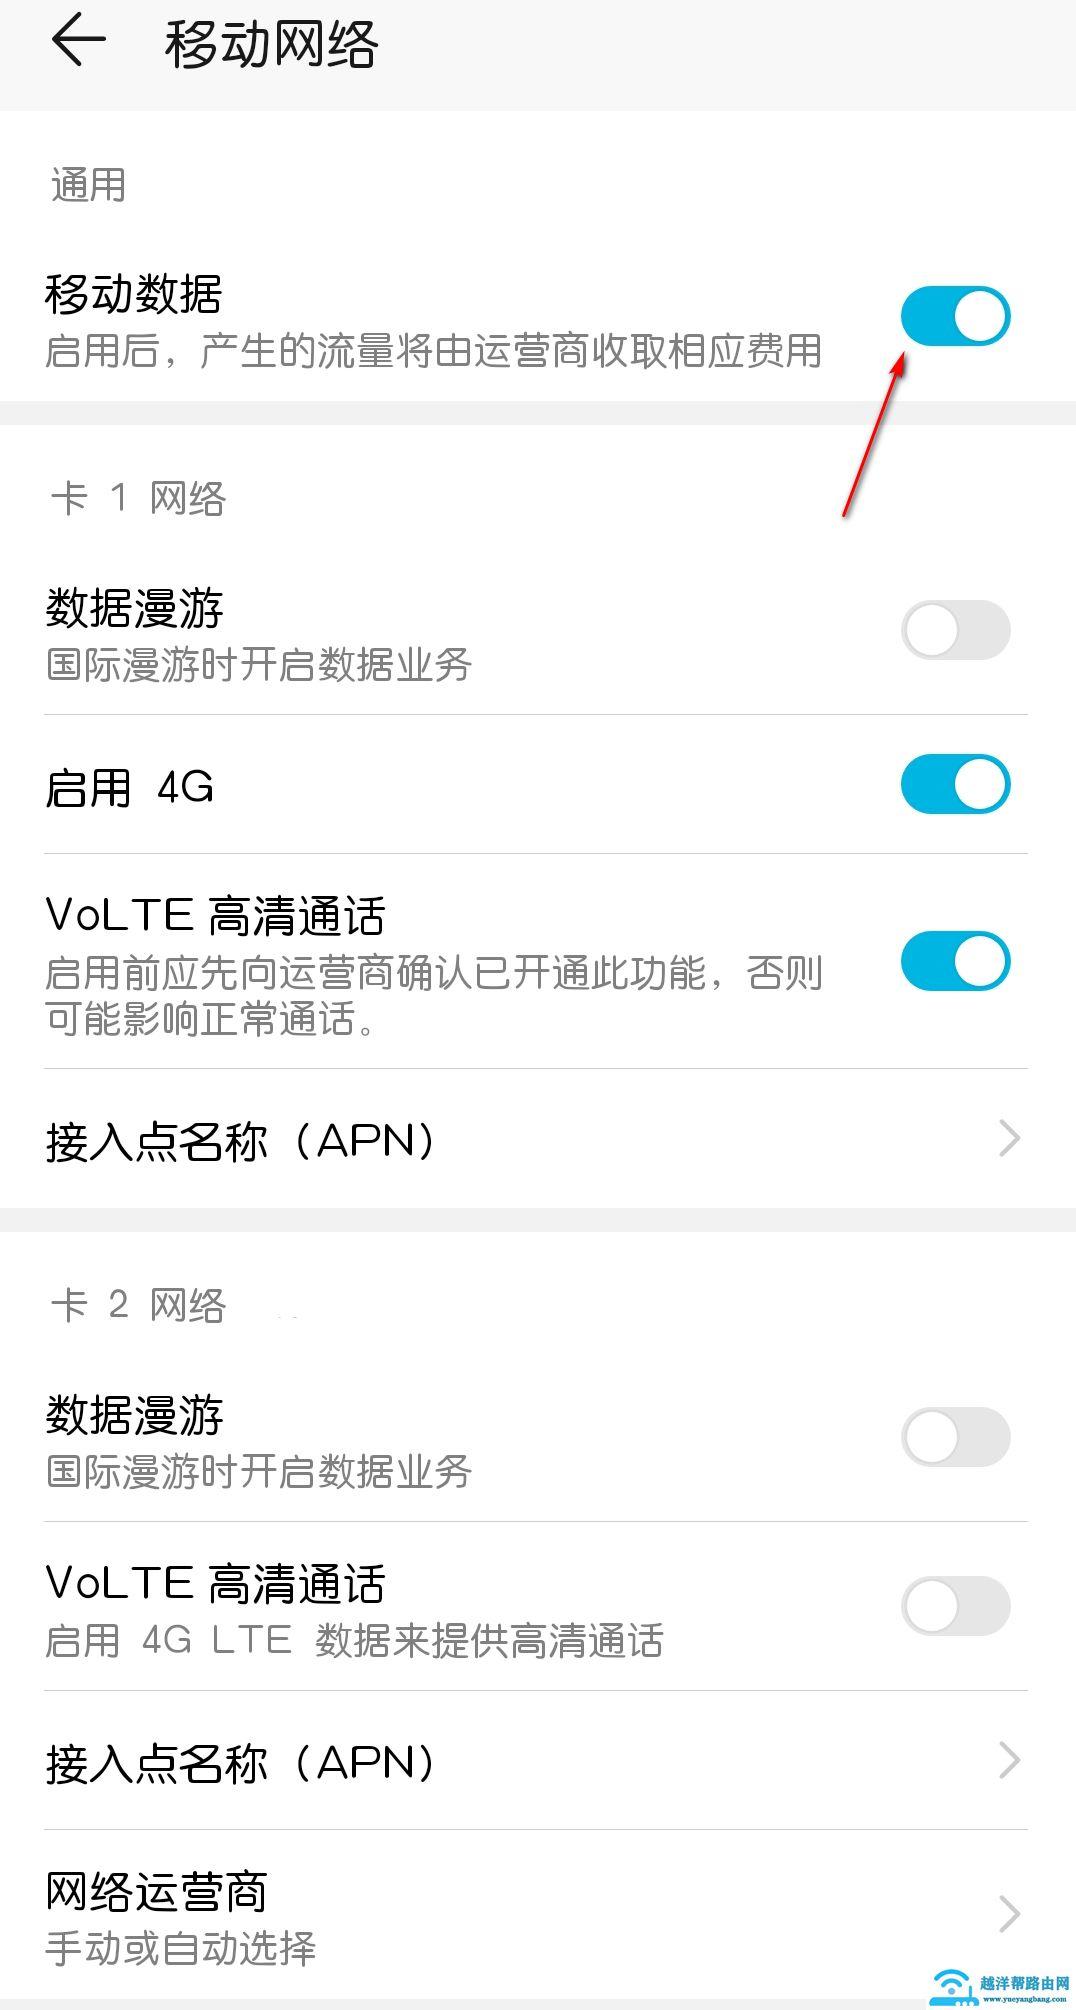 手机开wifi热点,共享网络给电脑,变身4G无线路由器